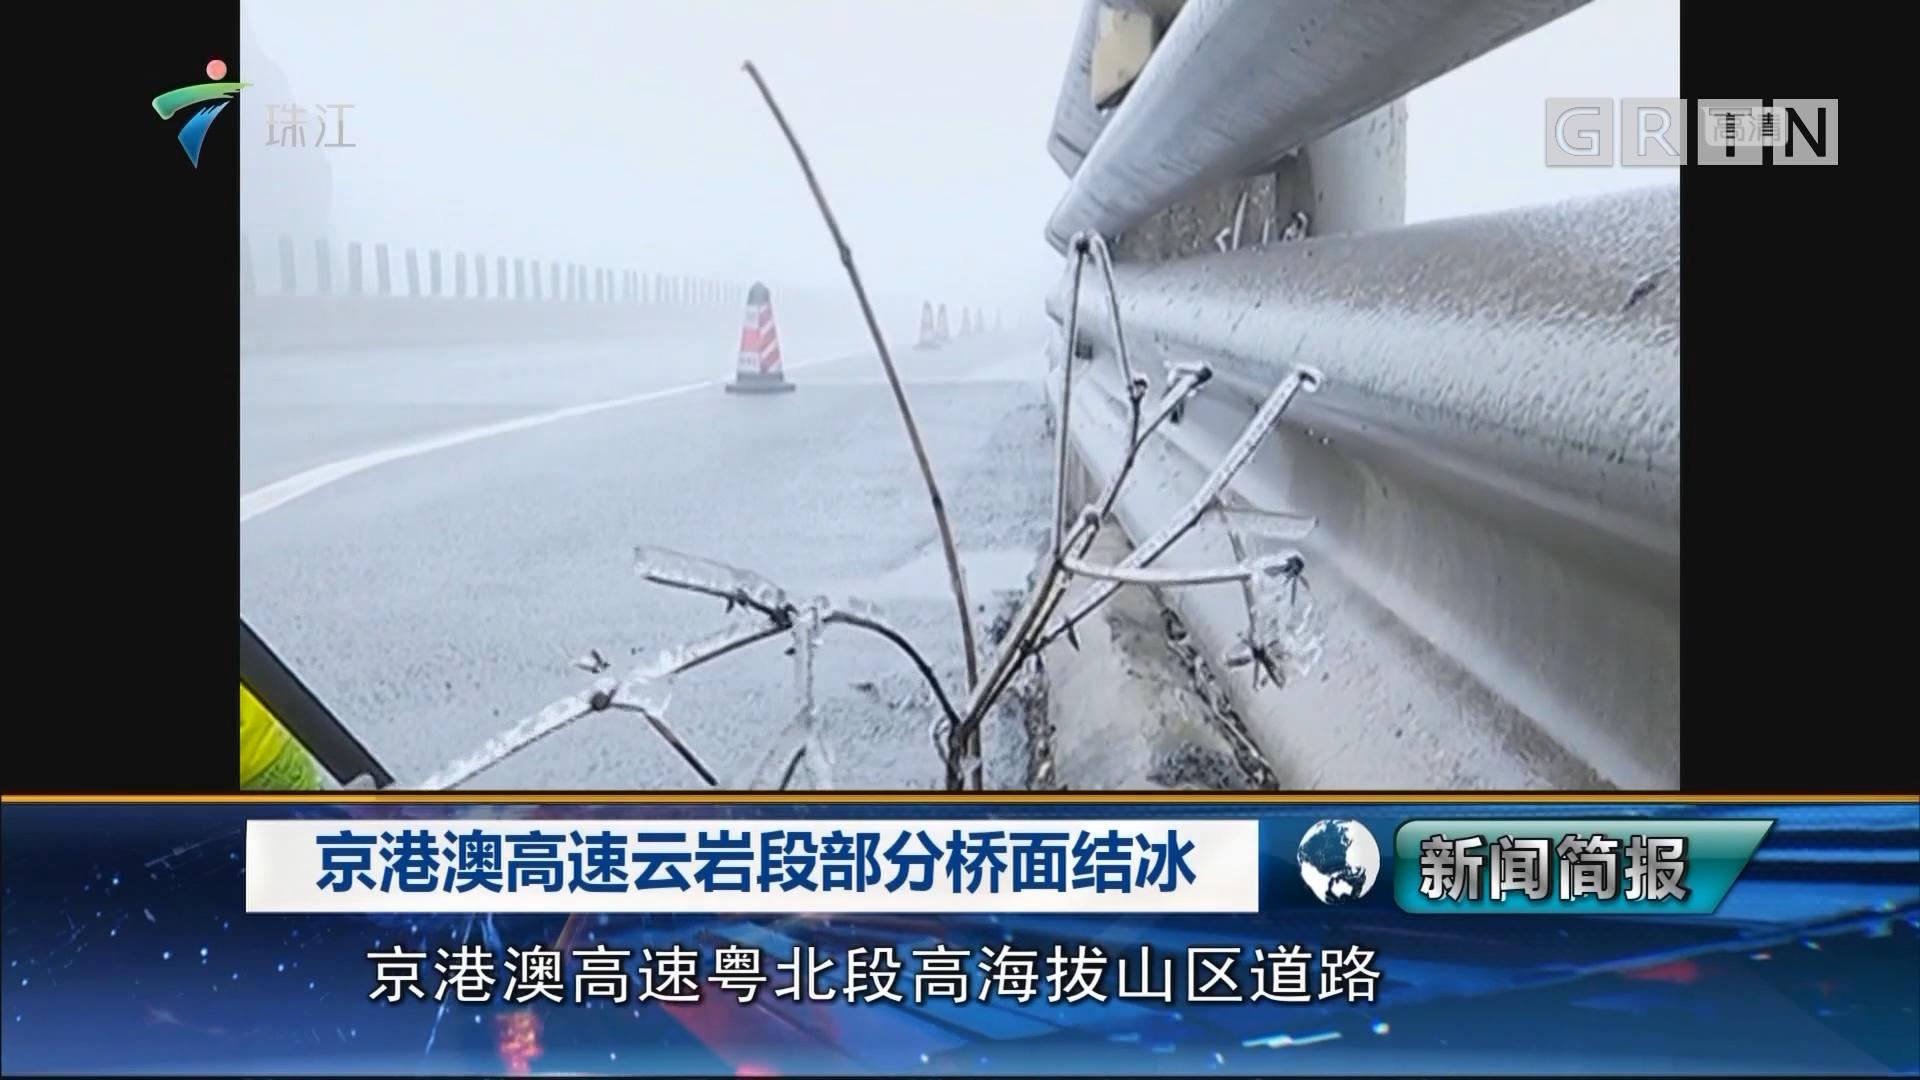 京港澳高速云岩段部分桥面结冰